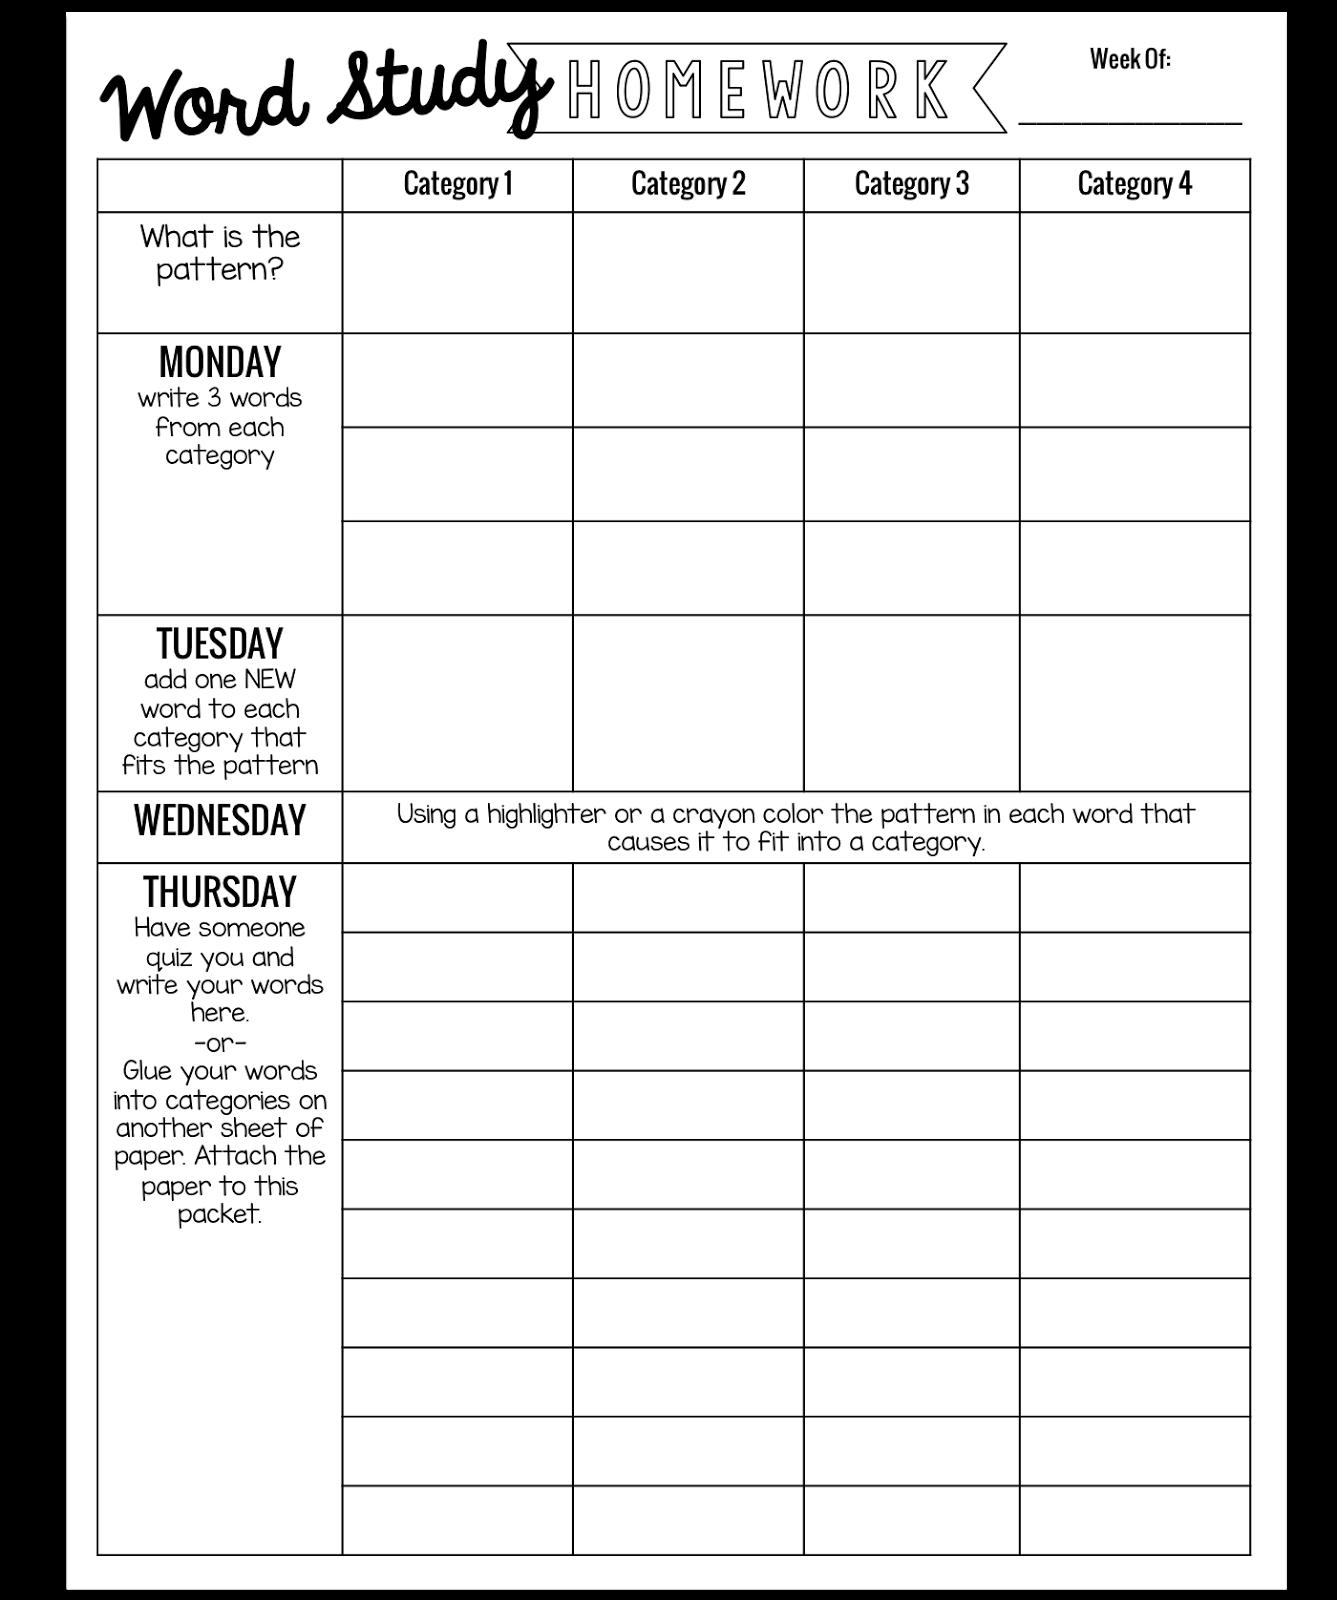 Simple Weekly Word Study Homework